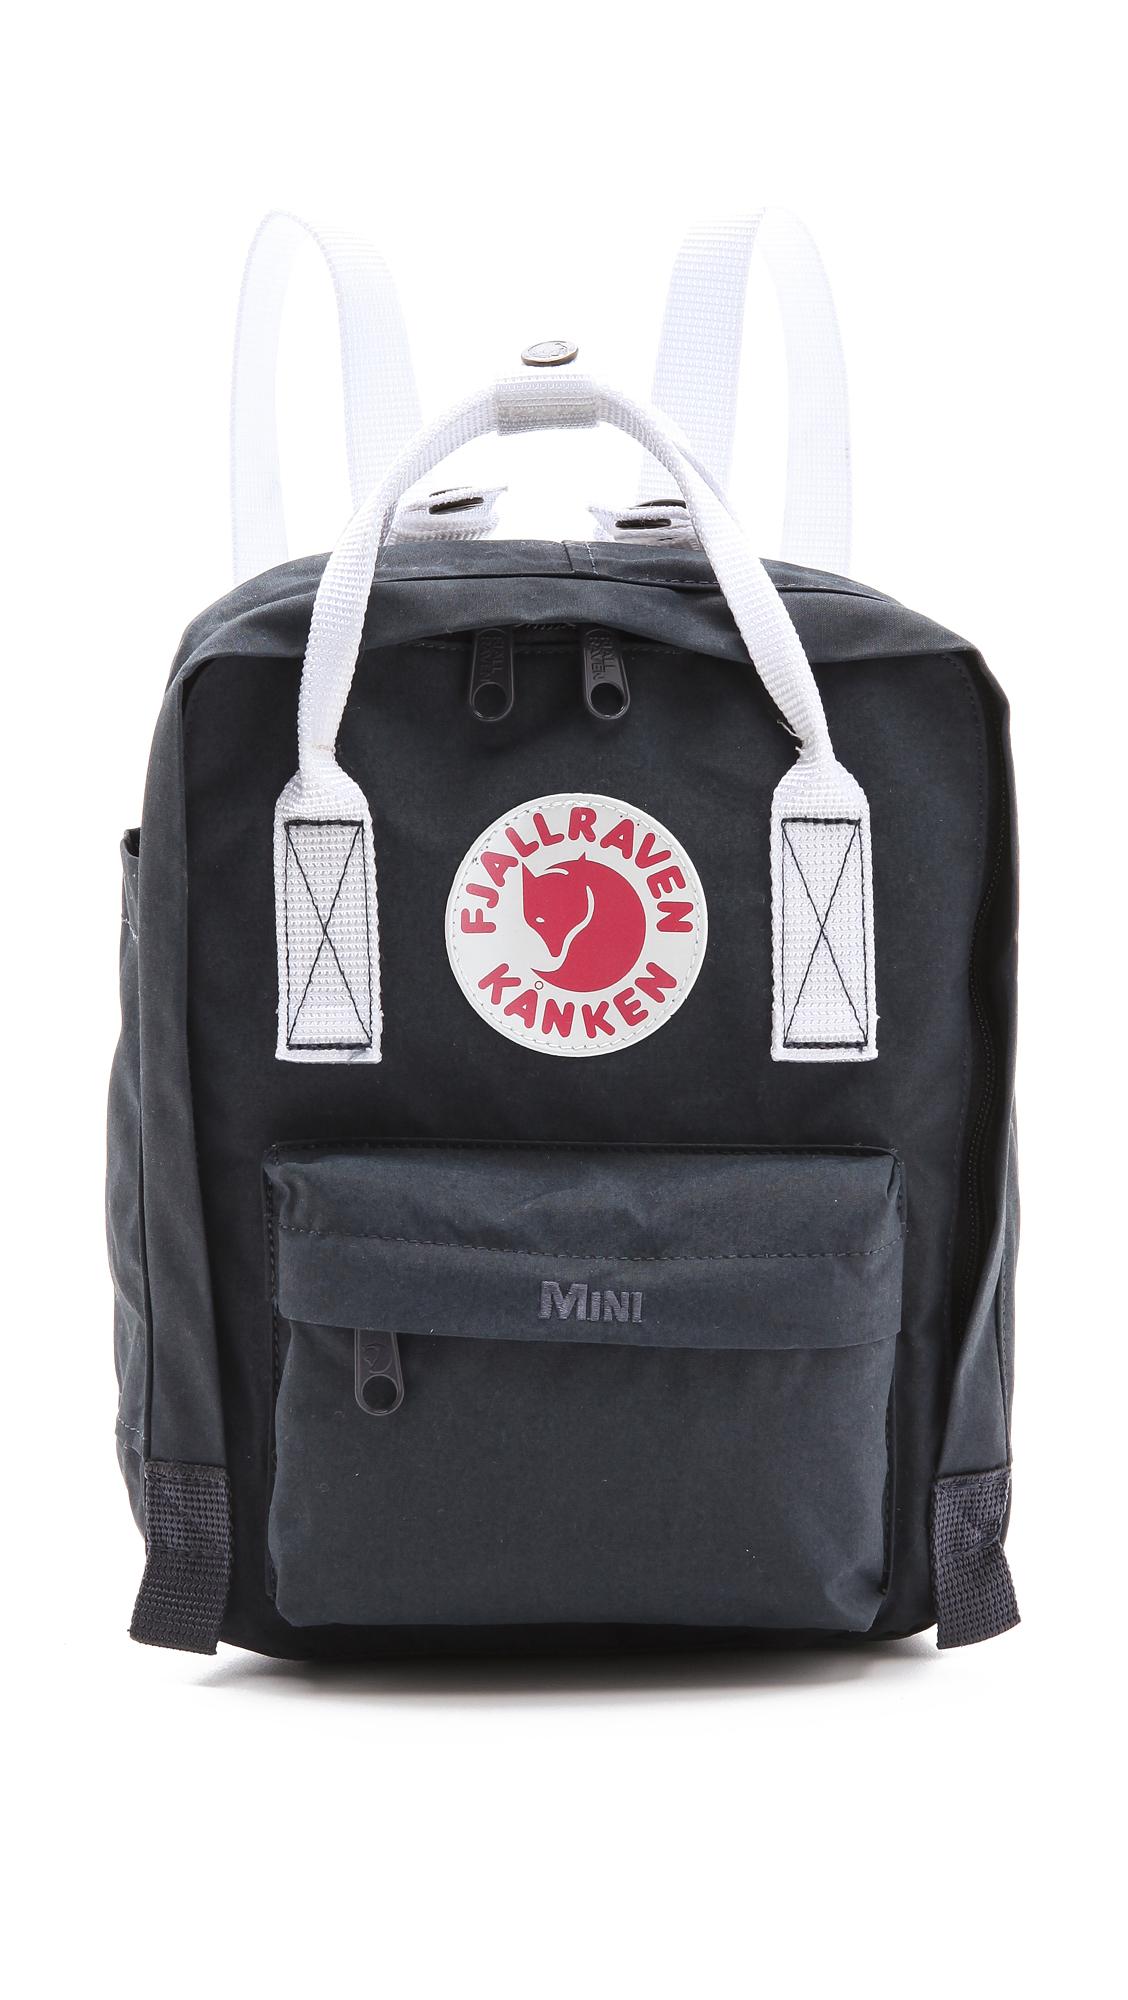 fjallraven kanken mini backpack ox red royal blue in. Black Bedroom Furniture Sets. Home Design Ideas